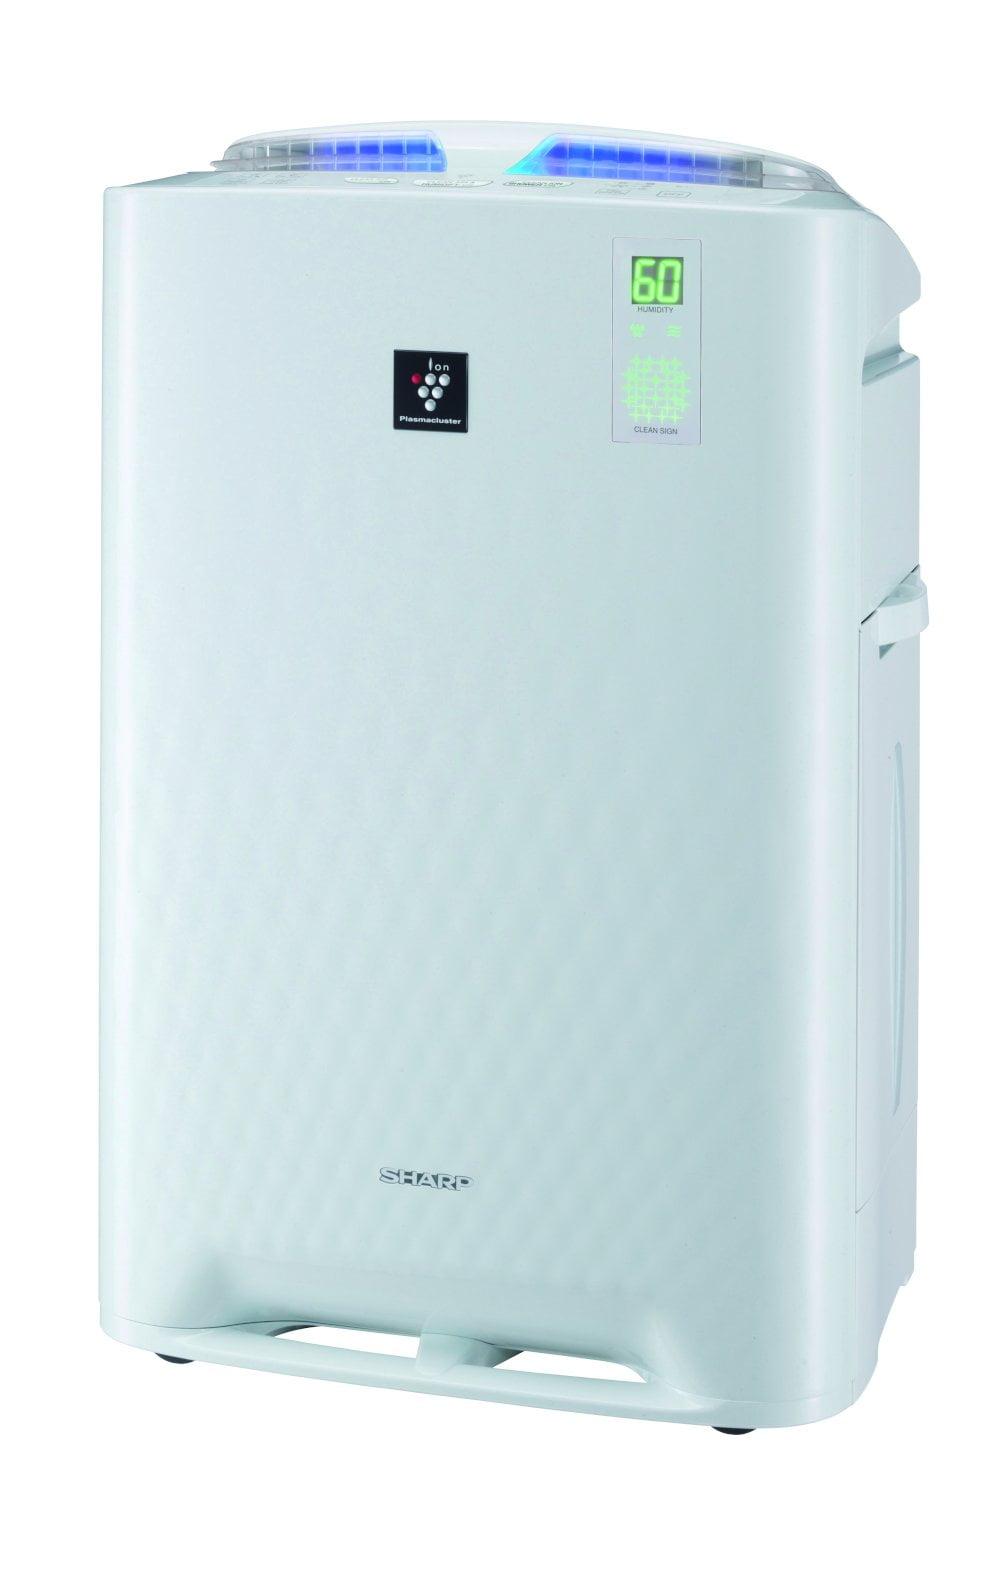 Nowy oczyszczacz powietrza Sharp KC-A60EUW już dostnępny na rynku.